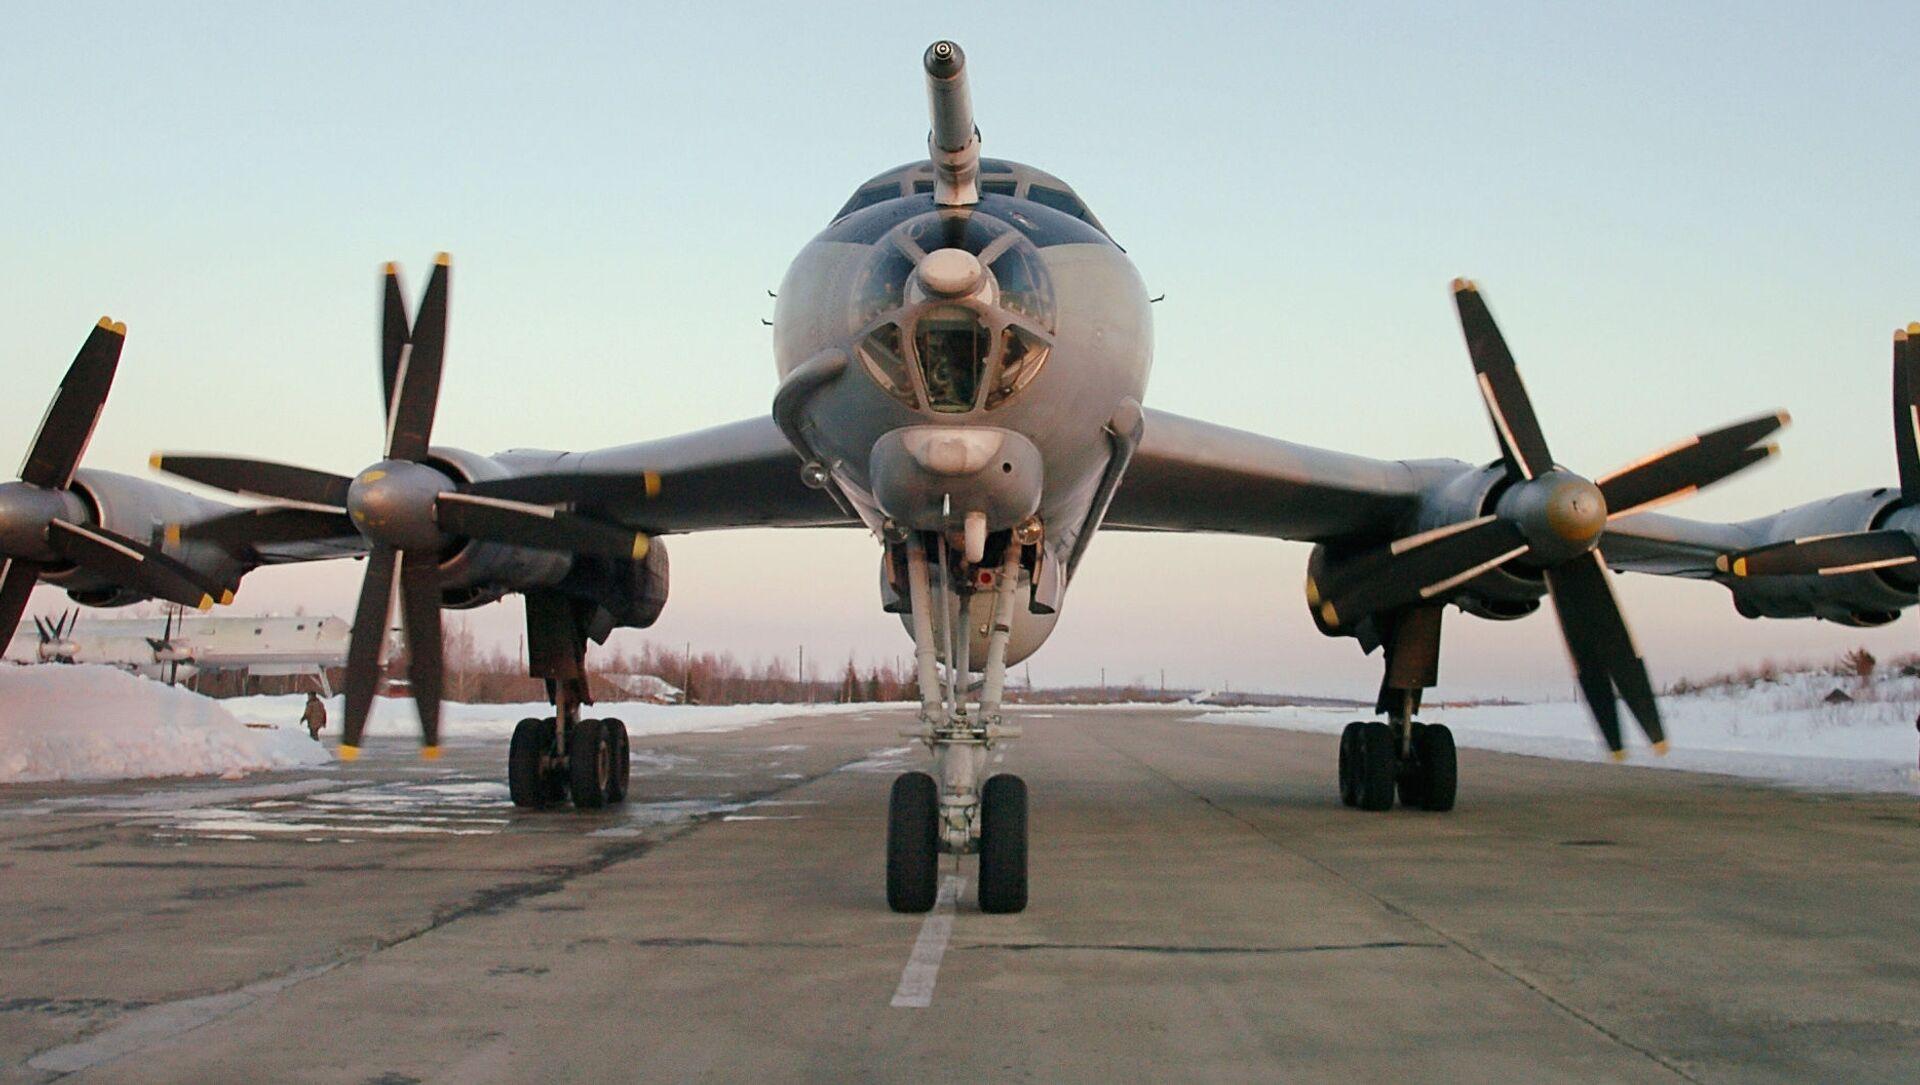 Máy bay săn ngầm tầm xa Tu-142.  - Sputnik Việt Nam, 1920, 07.08.2021